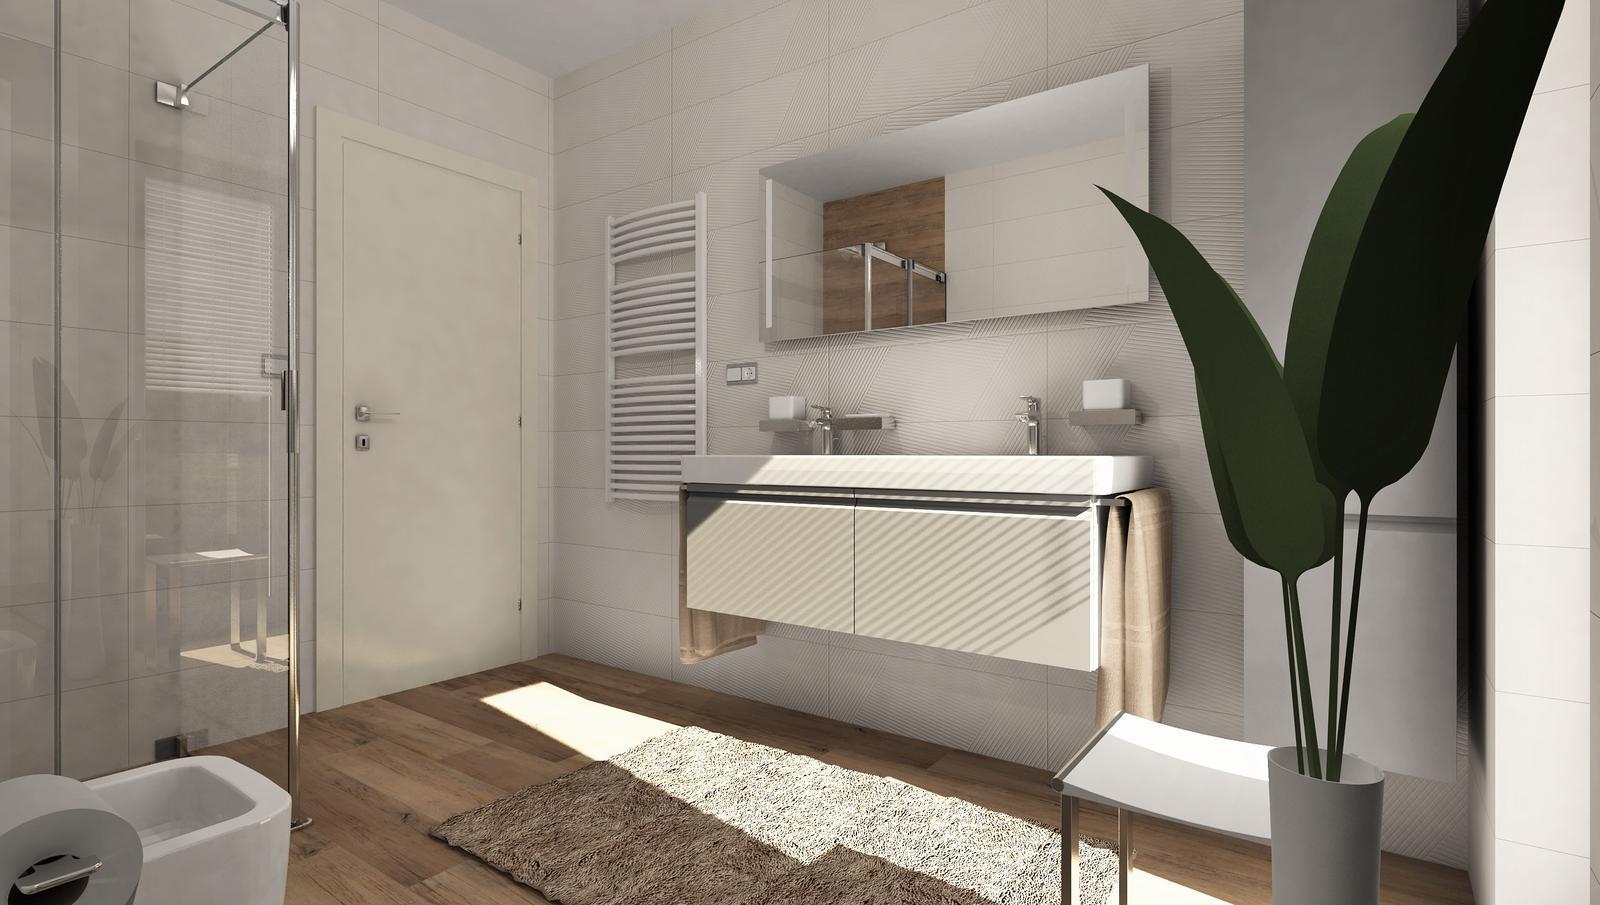 3D návrhy kúpeľní - vizualizácie - Obrázok č. 29